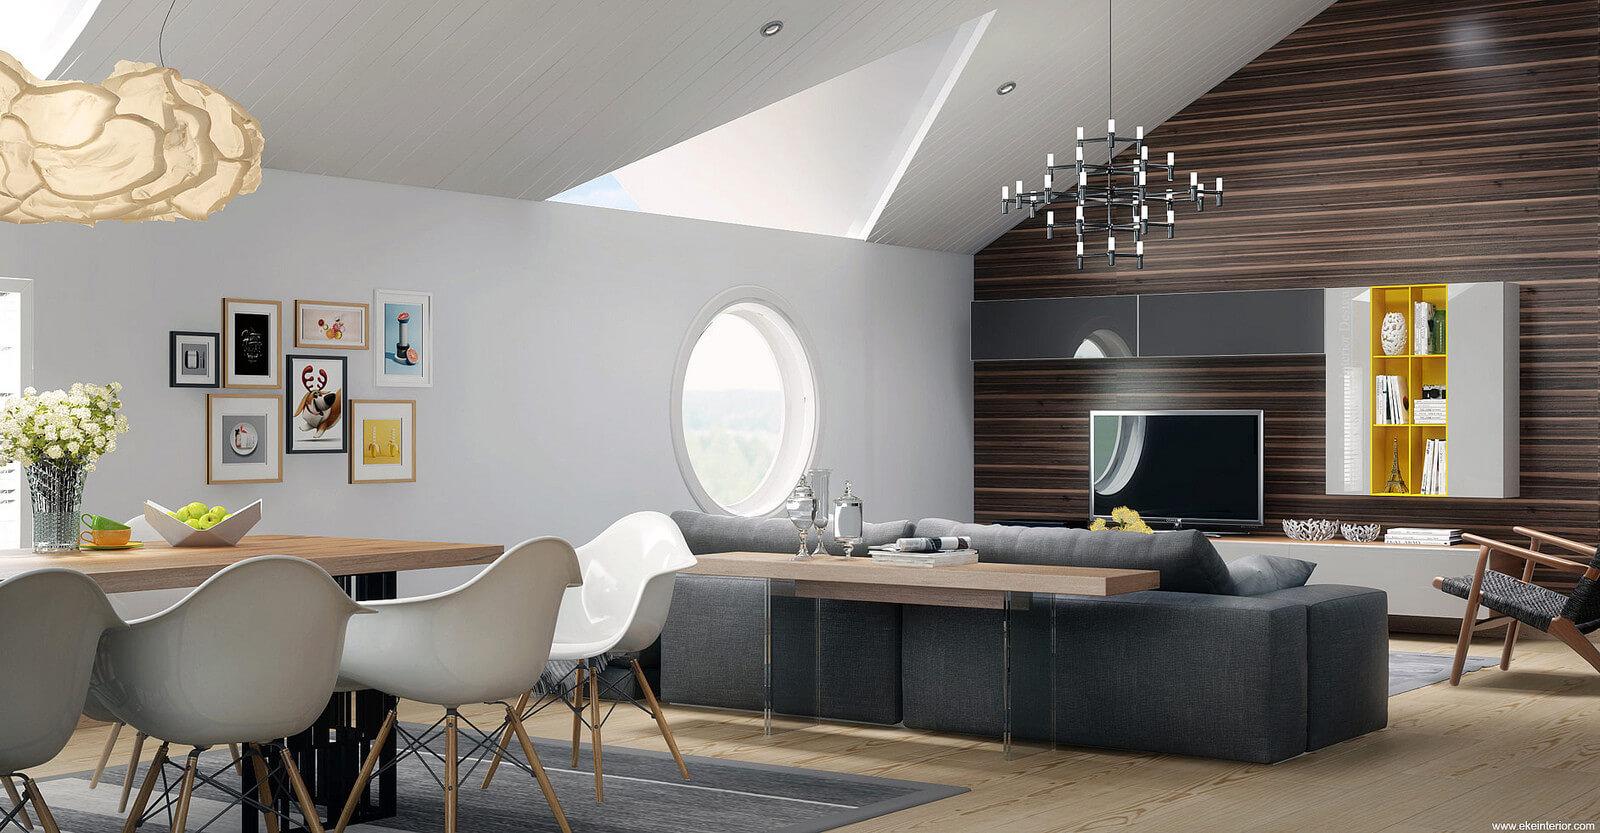 Thiết kế nội thất hiện đại Châu Âu nhìn là thấy mê